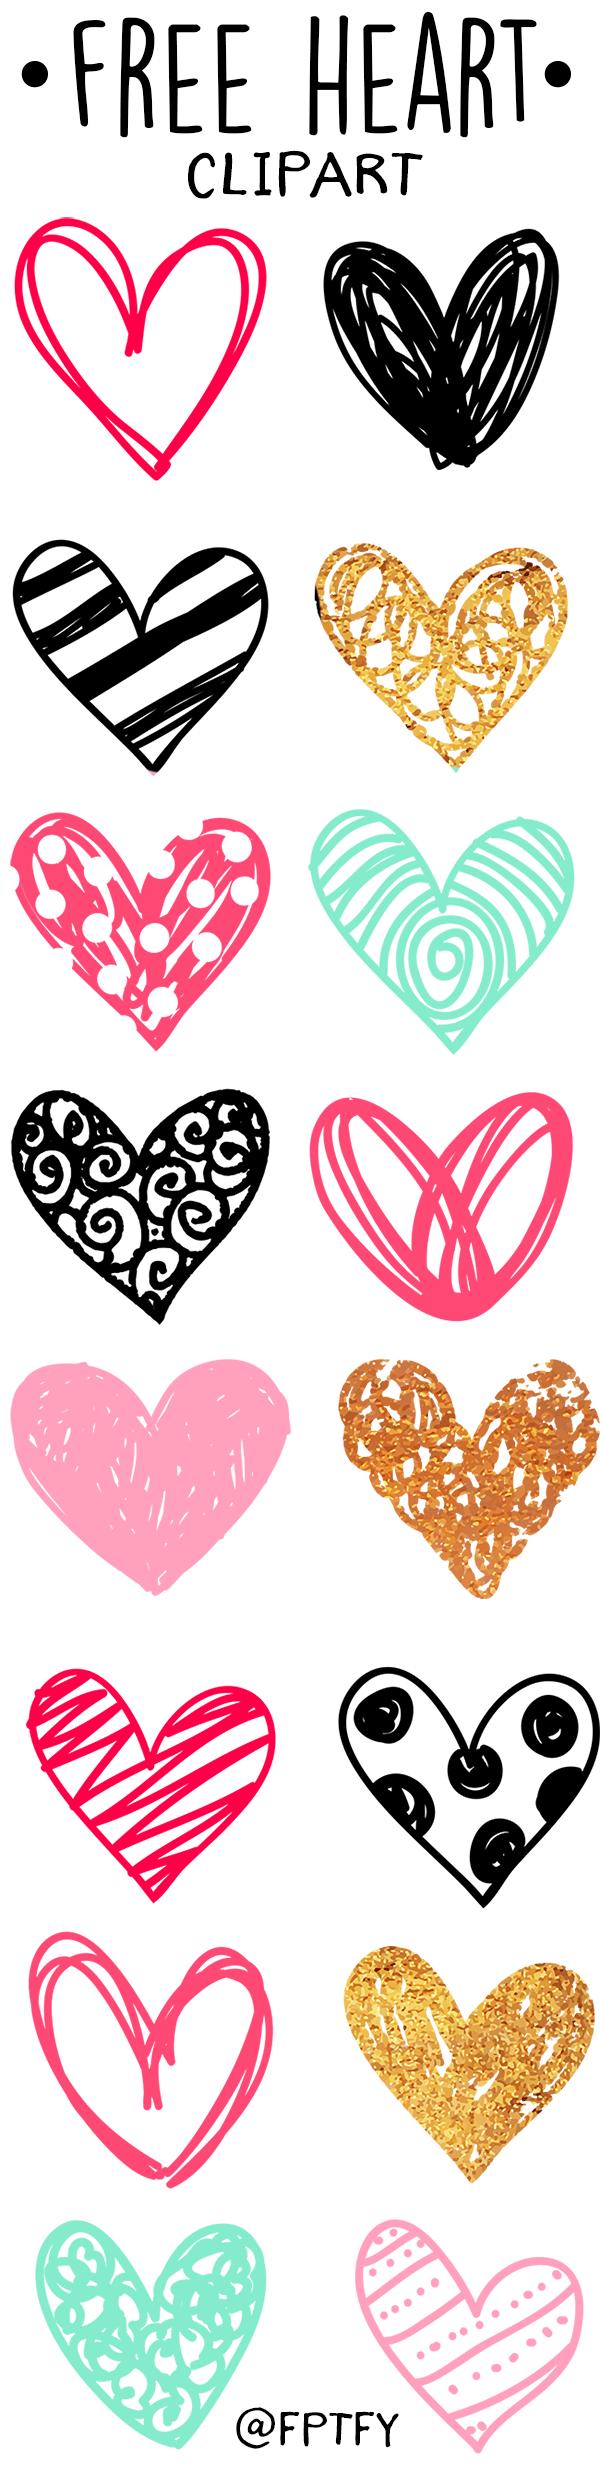 Free Doodle Heart Clip Art Clip art, Doodles and Cricut